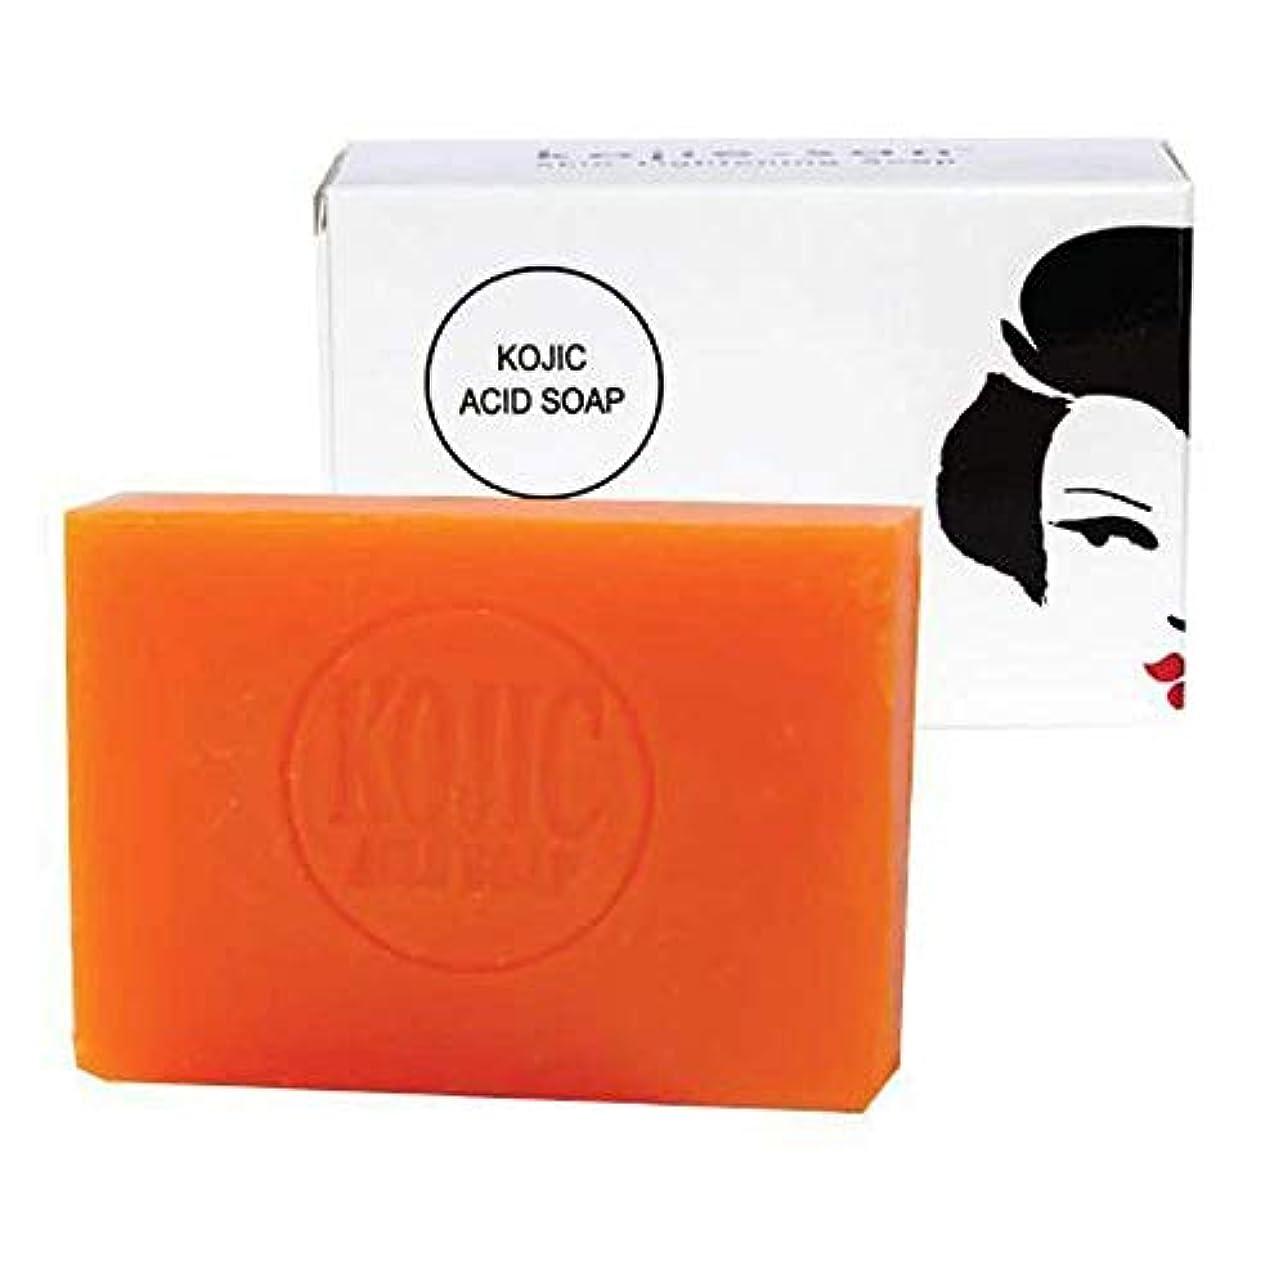 異議チーム車両Kojie San Skin Lightening Kojic Acid Soap 2 Bars - 65G Fades Age Spots, Freckles, And Other Signs Of Sun Damage...